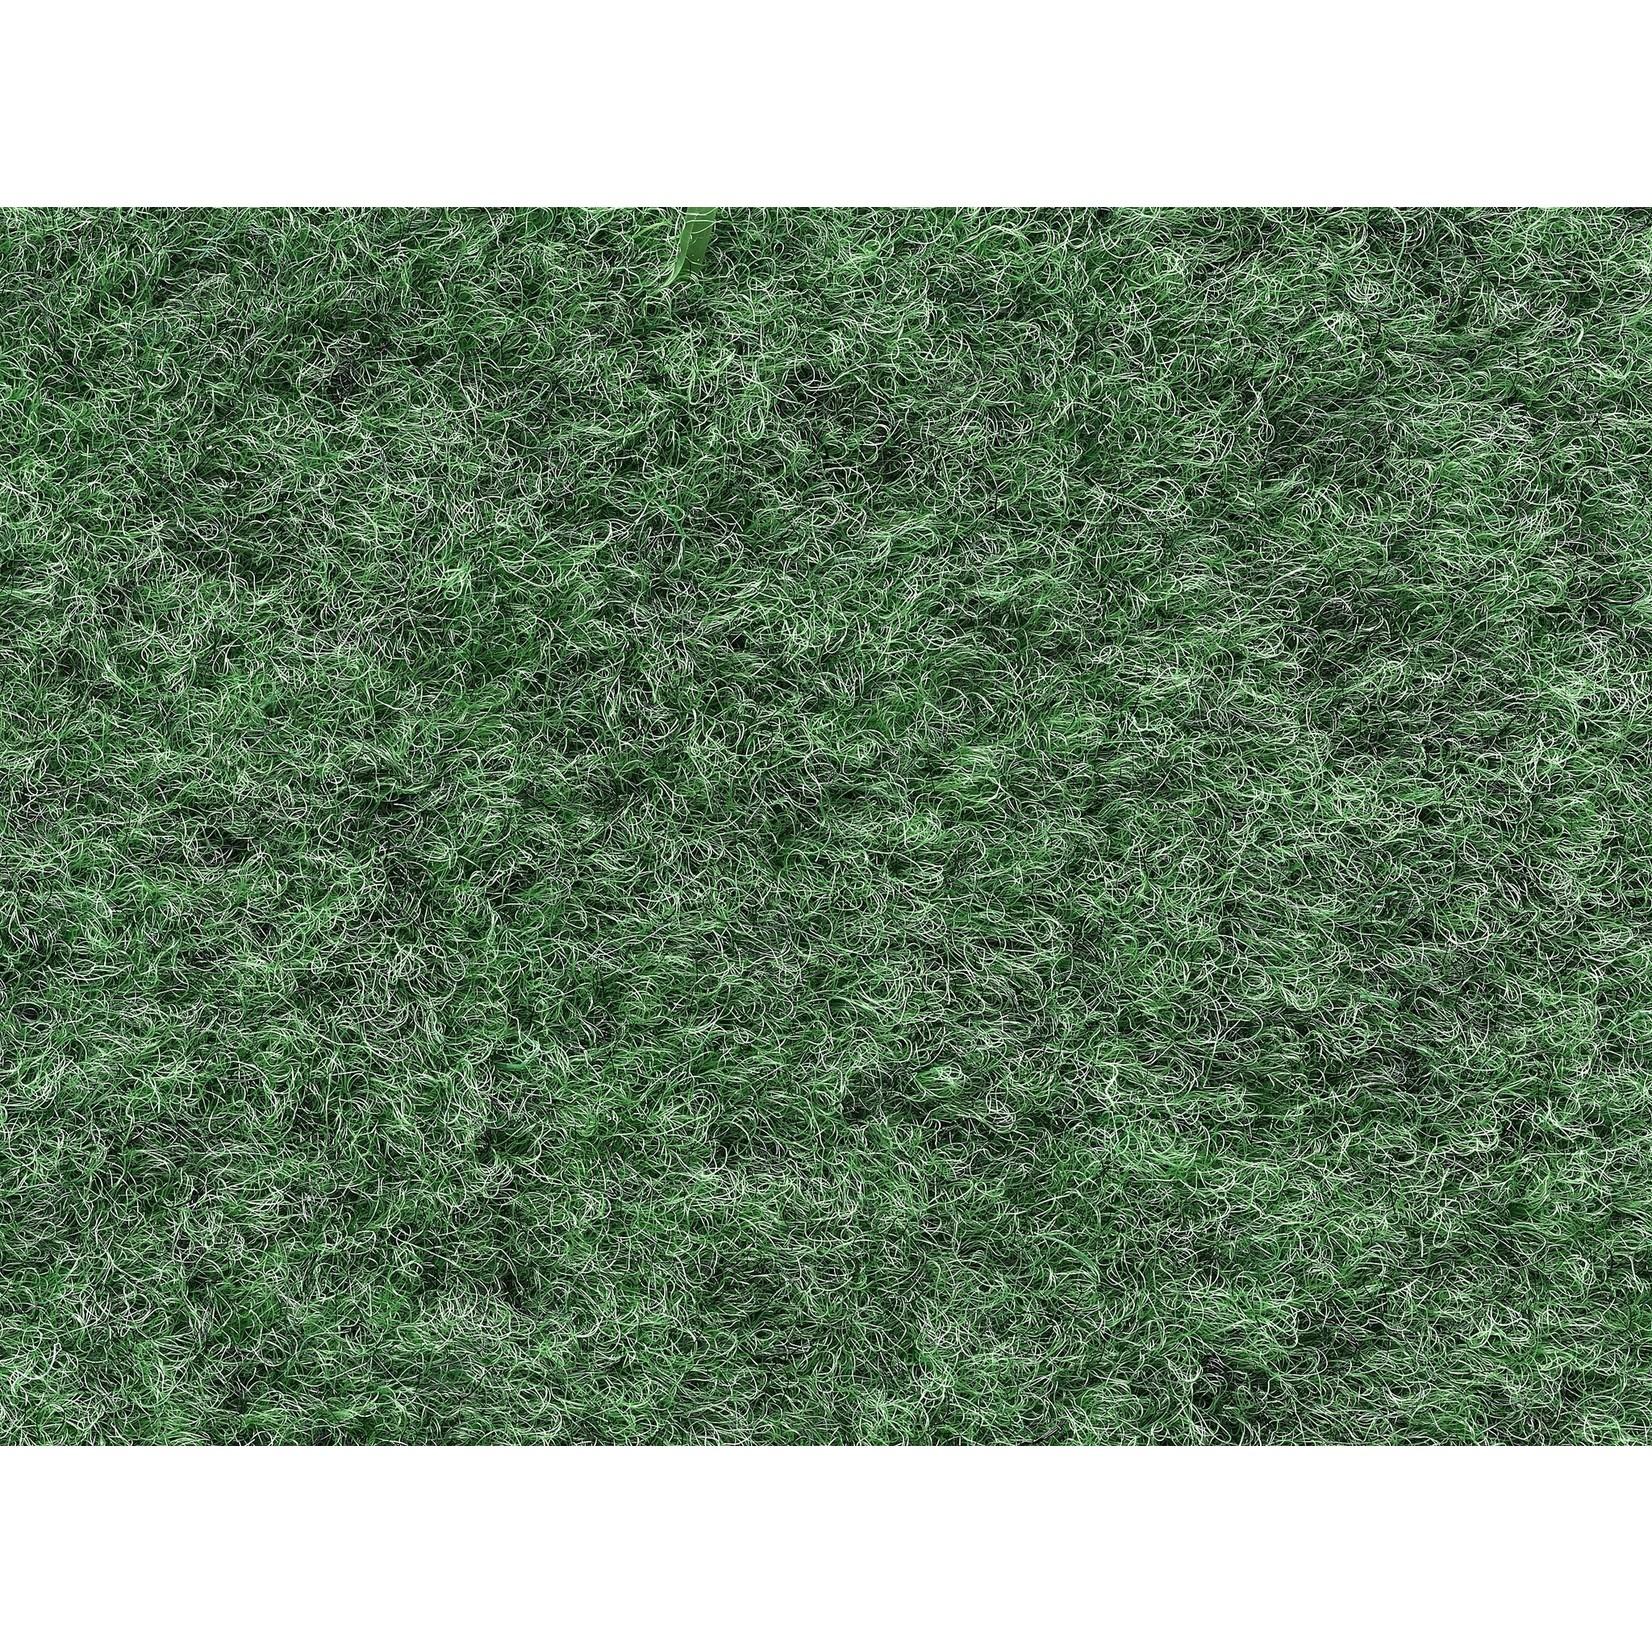 Hamat Marbella Groen met Nop 100x400cm